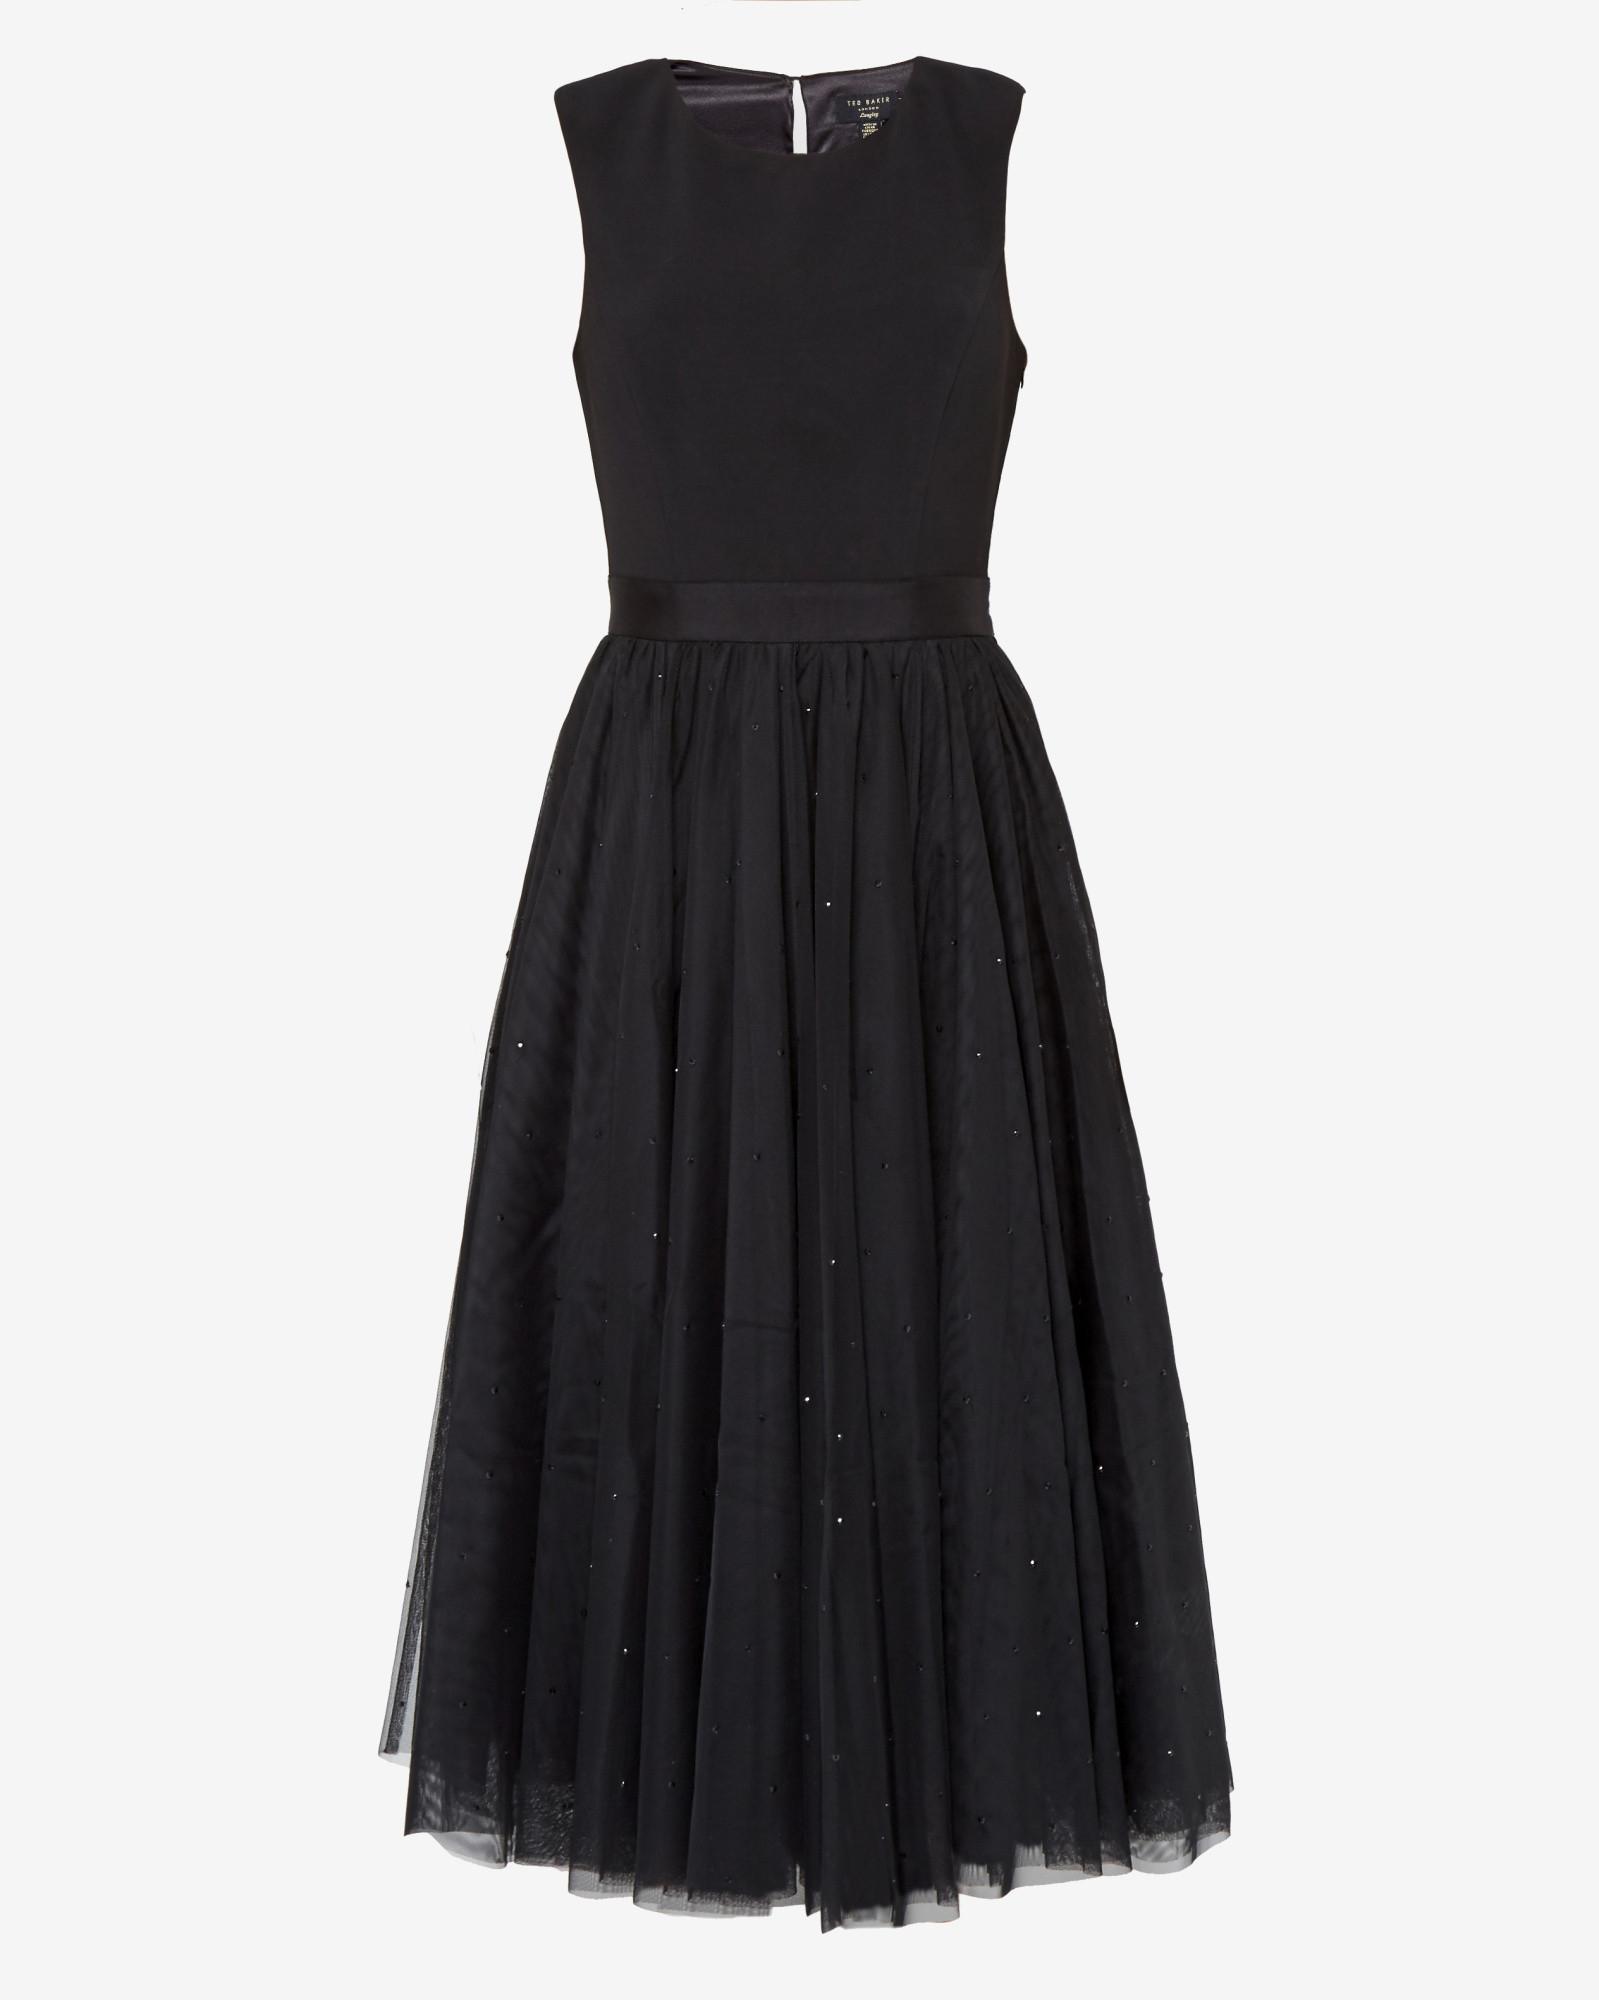 Ted Baker Embellished Full Skirt Tulle Dress In Black Lyst